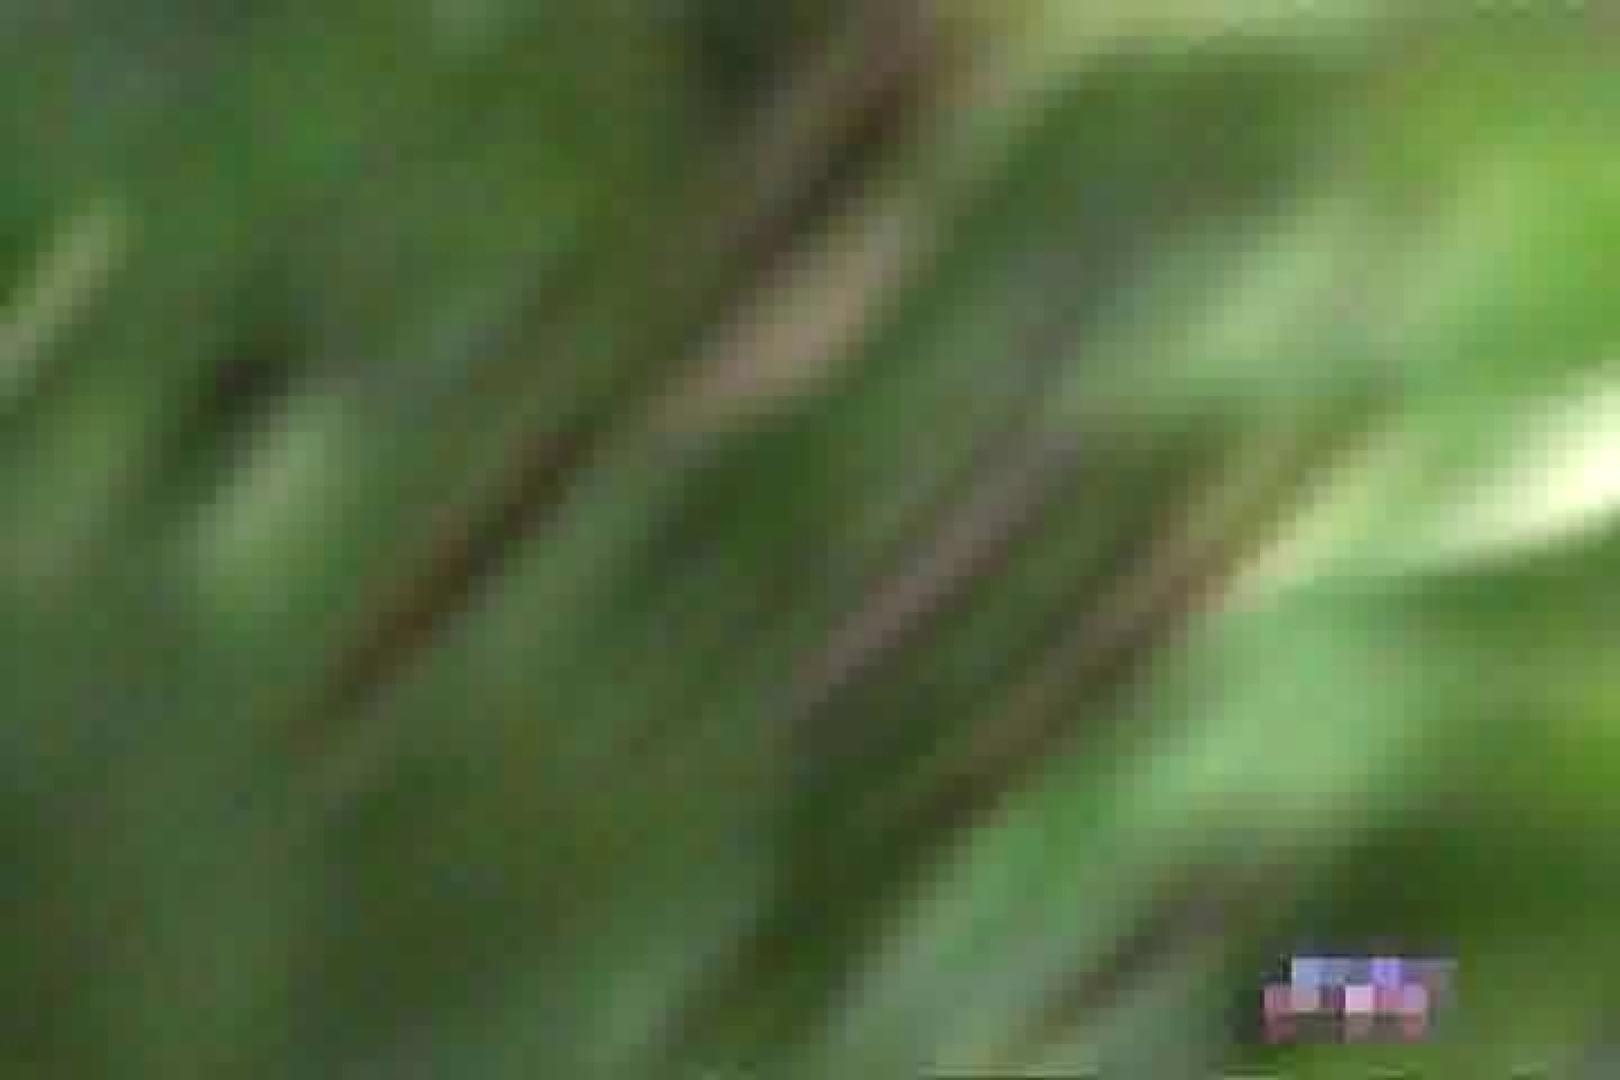 水着ギャルスッポンポンで生着替えVol.2 盗撮特集  69画像 24